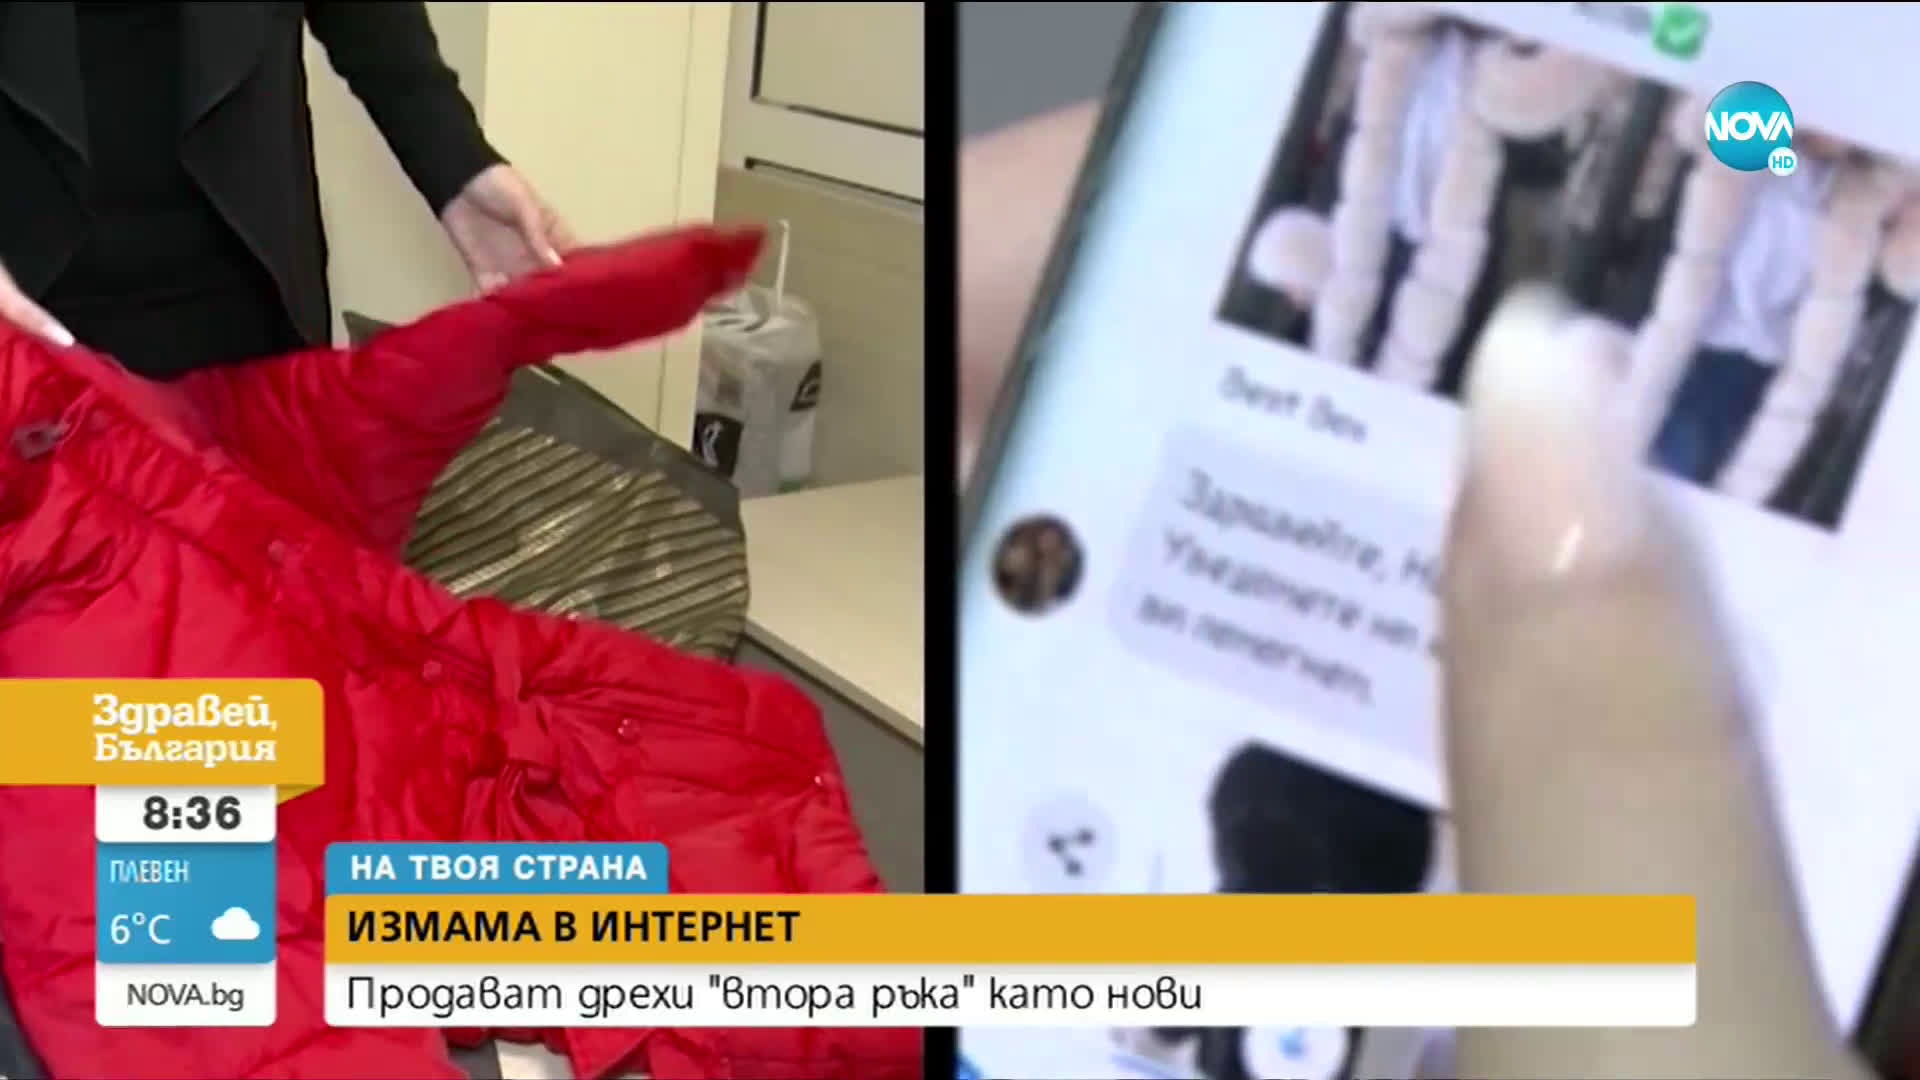 """""""НА ТВОЯ СТРАНА"""": Продават дрехи втора употреба като нови"""